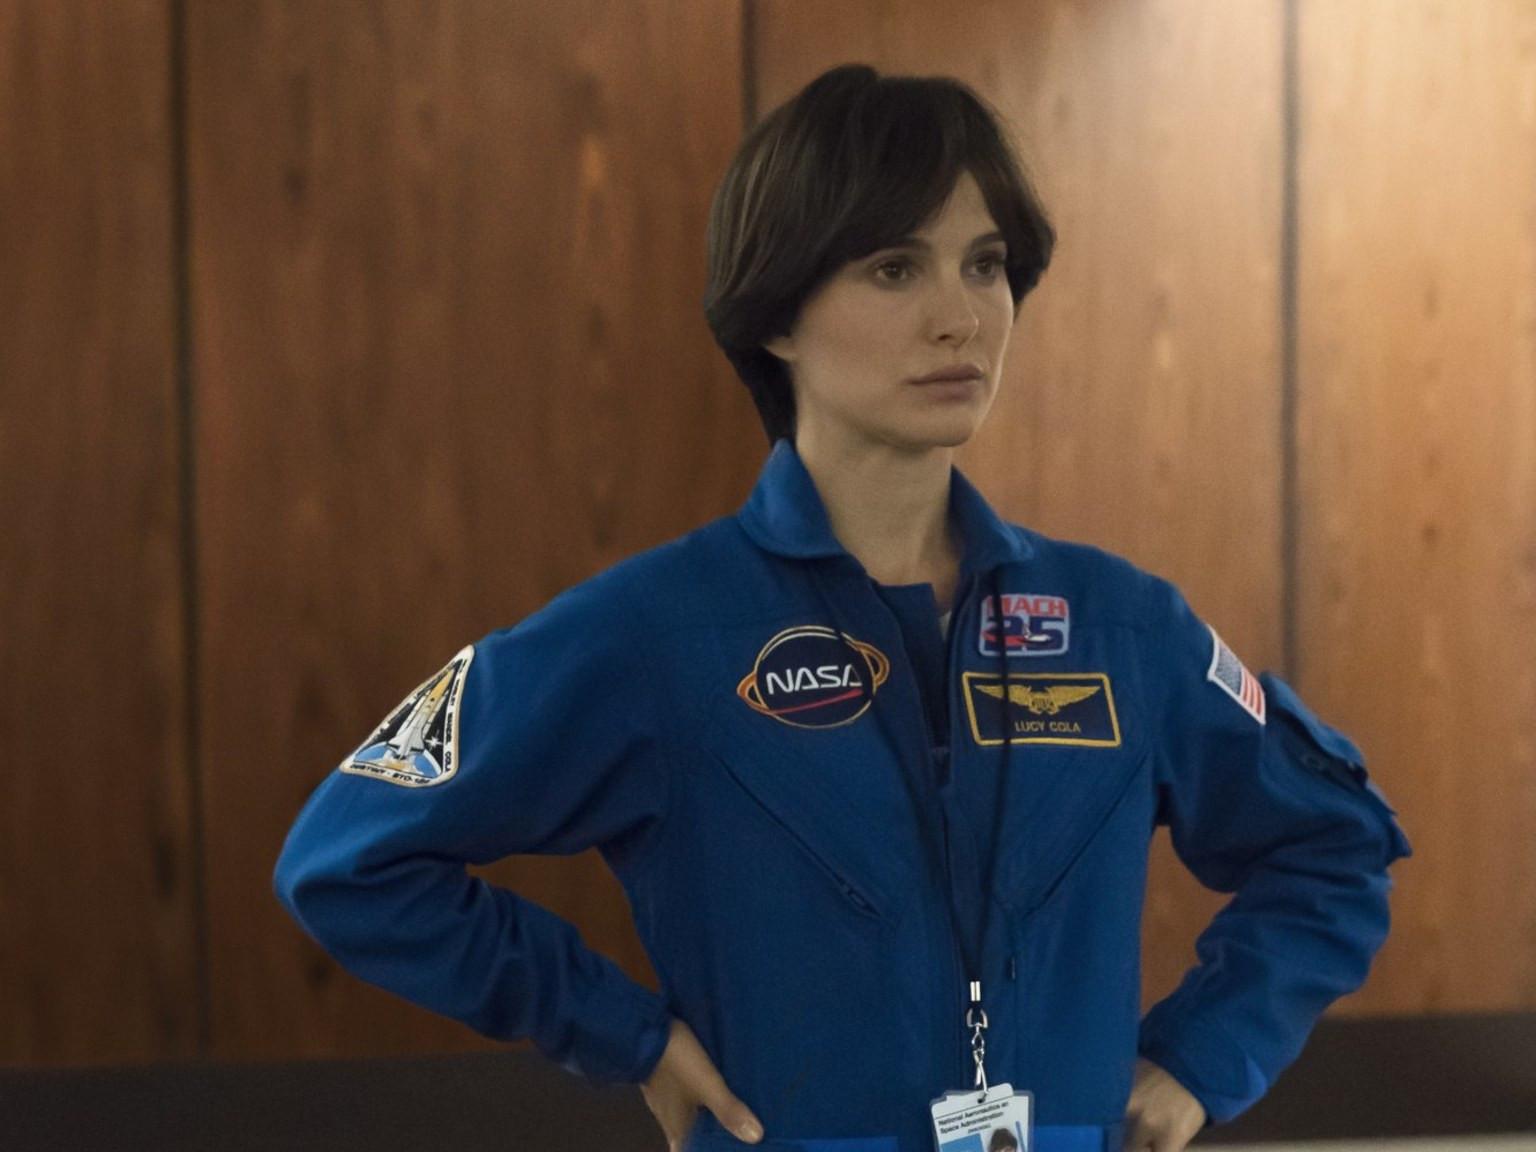 Portman é astronauta com problemas psicológicos em 'Lucy in the Sky'